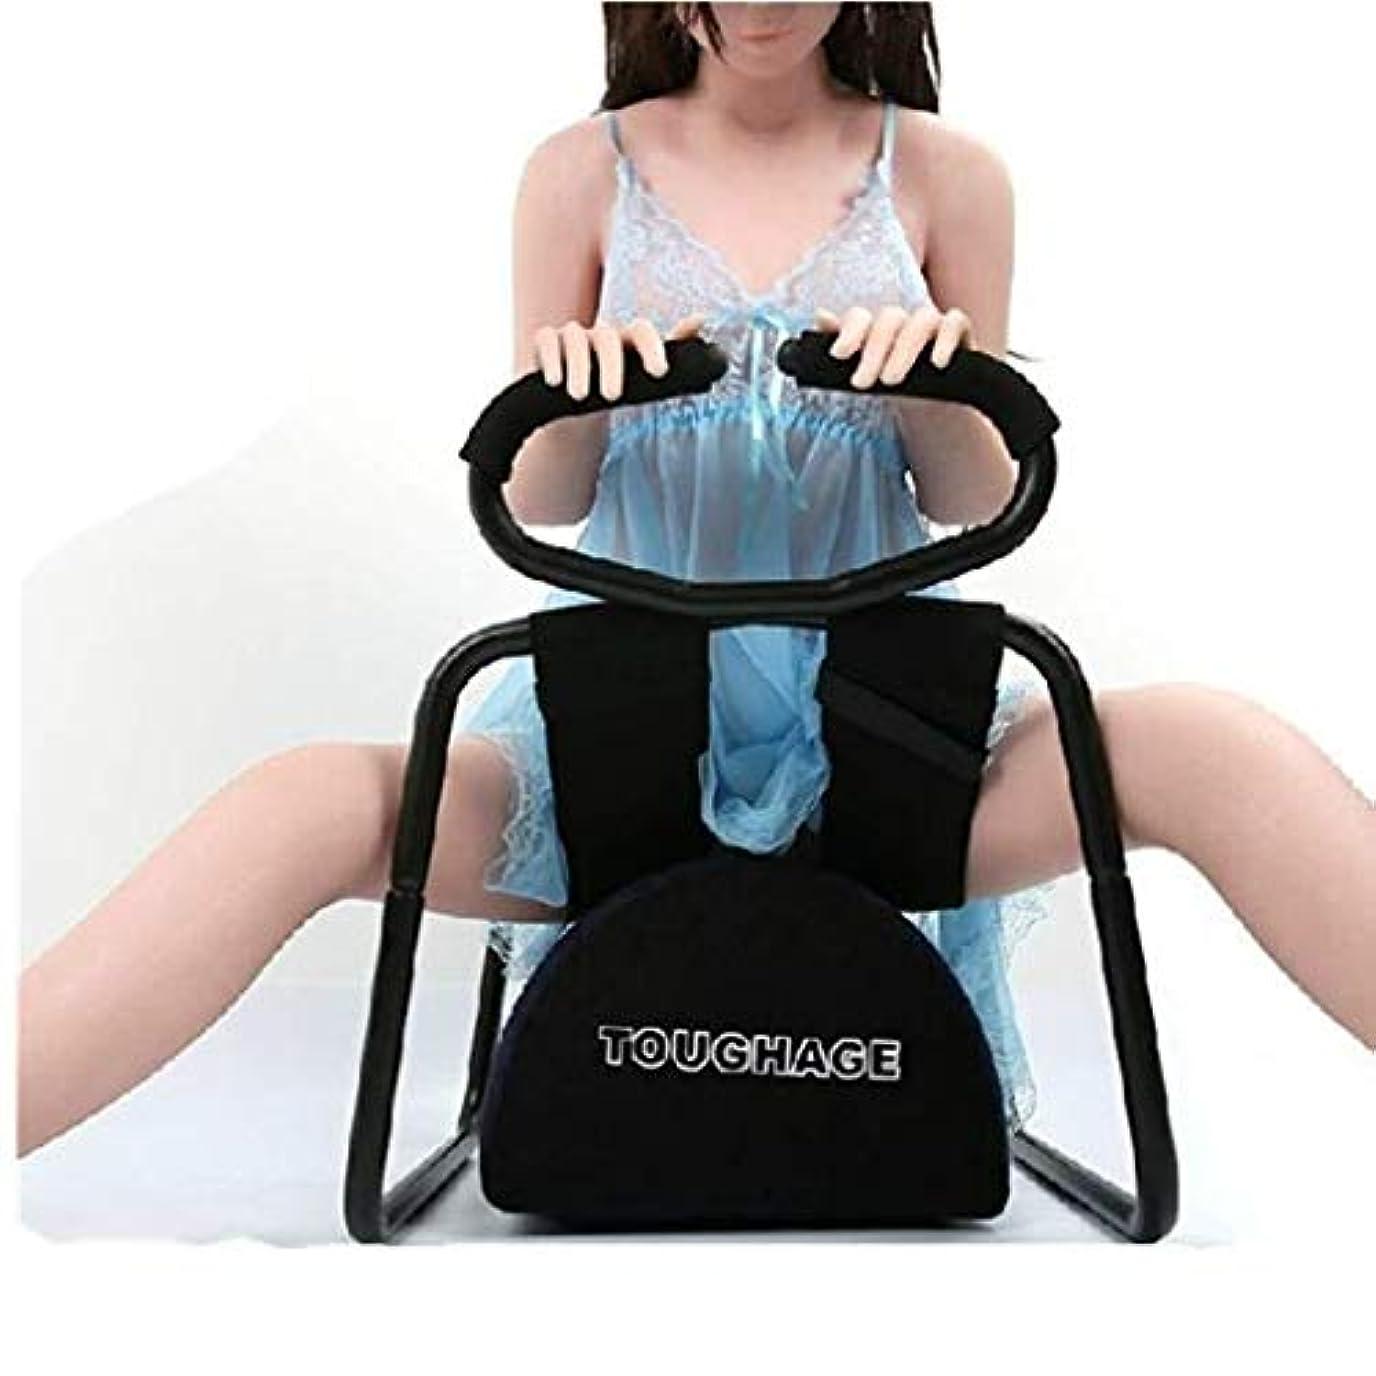 ナサニエル区セットアップチャールズキージングRisareyi 多機能椅子、弾性ハーネスベルト椅子、セックスシート、カップルのためのステンレス鋼の椅子を探検、ボディゲーム